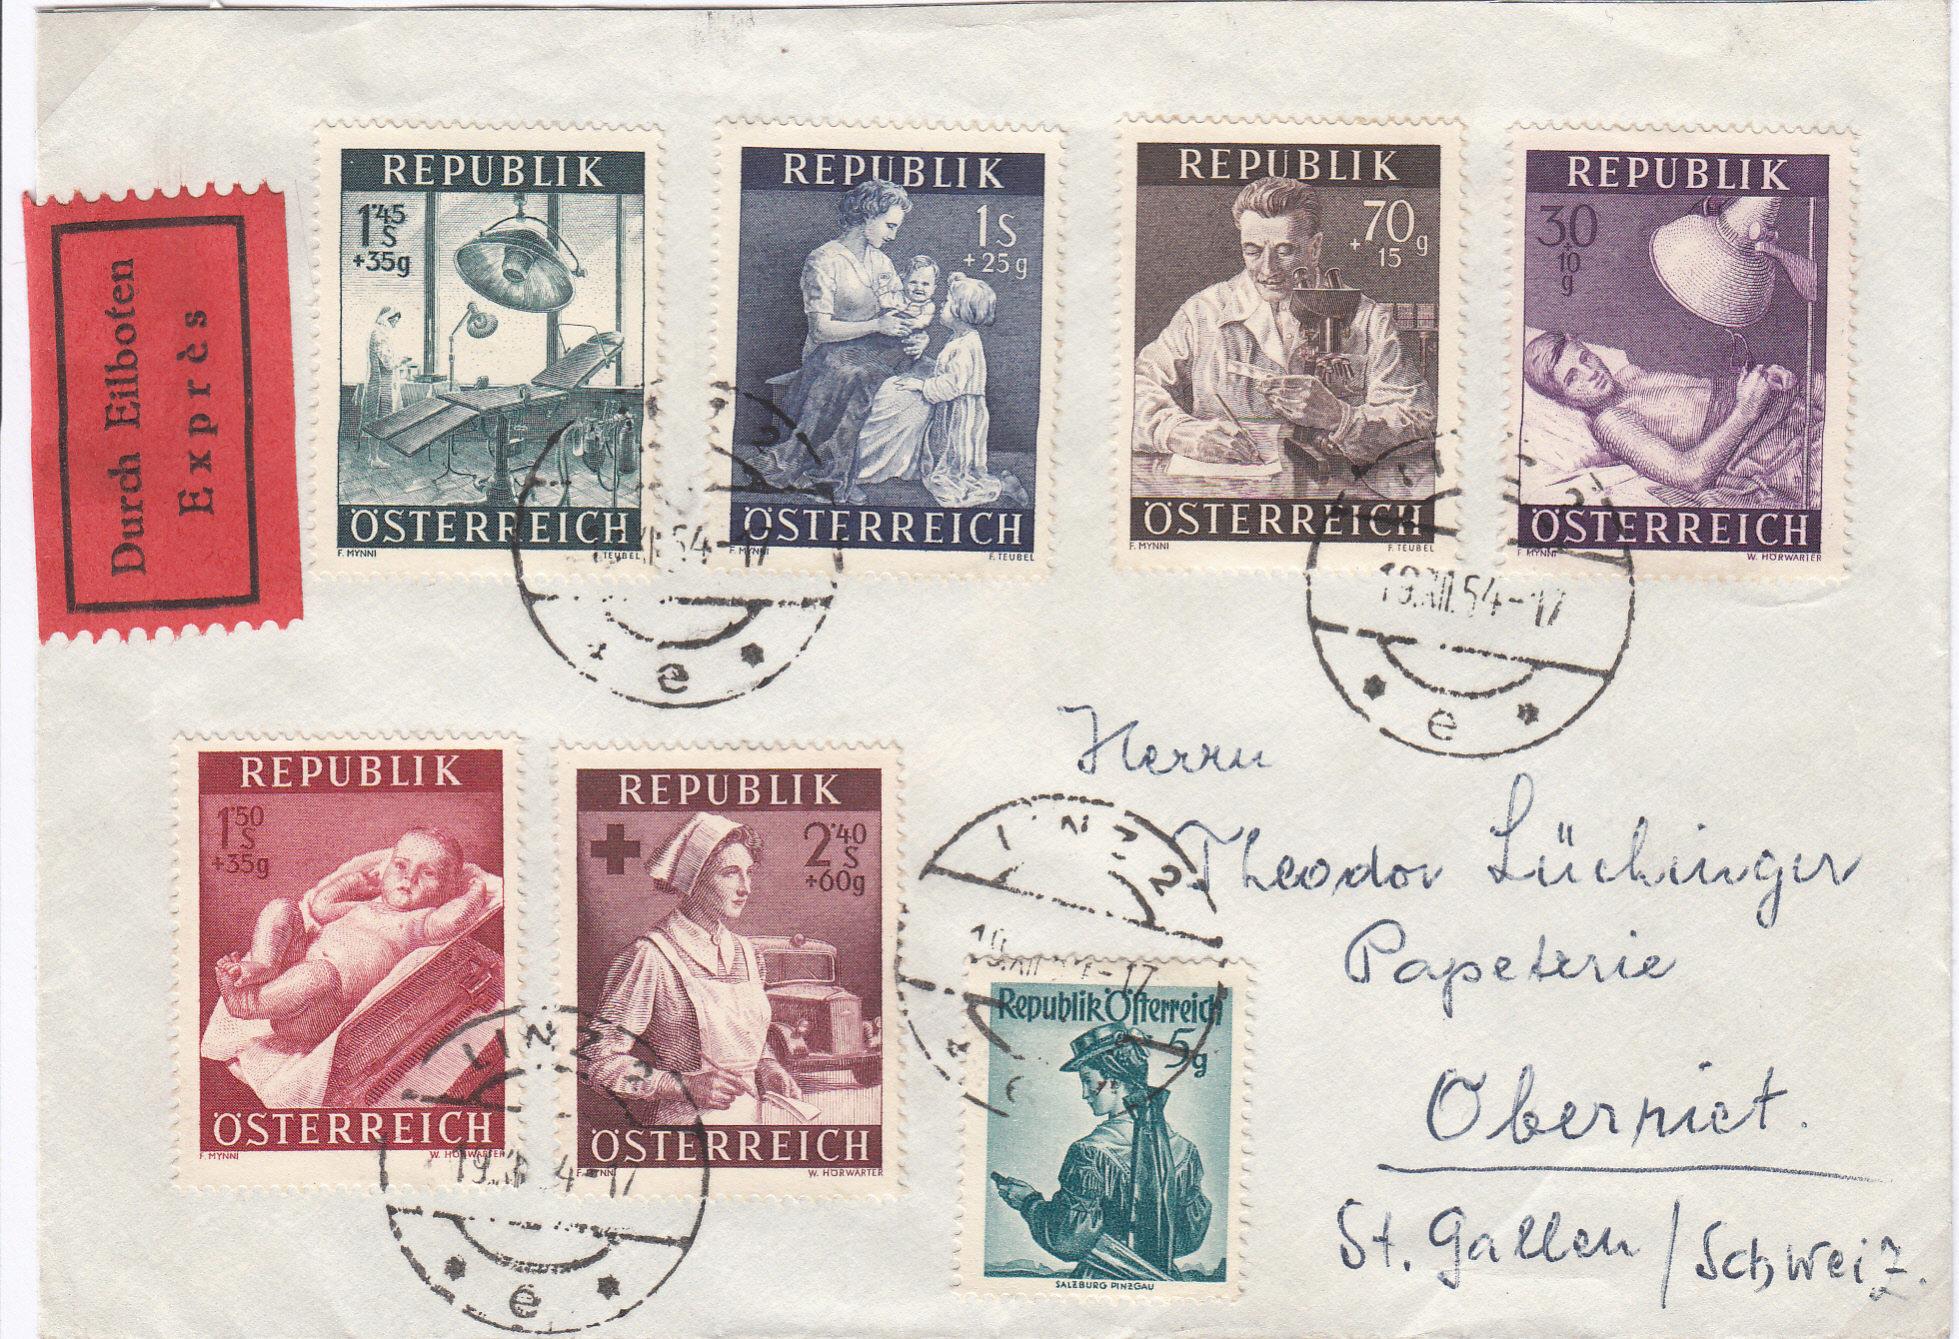 Sammlung Bedarfsbriefe Österreich ab 1945 - Seite 12 Img_0168